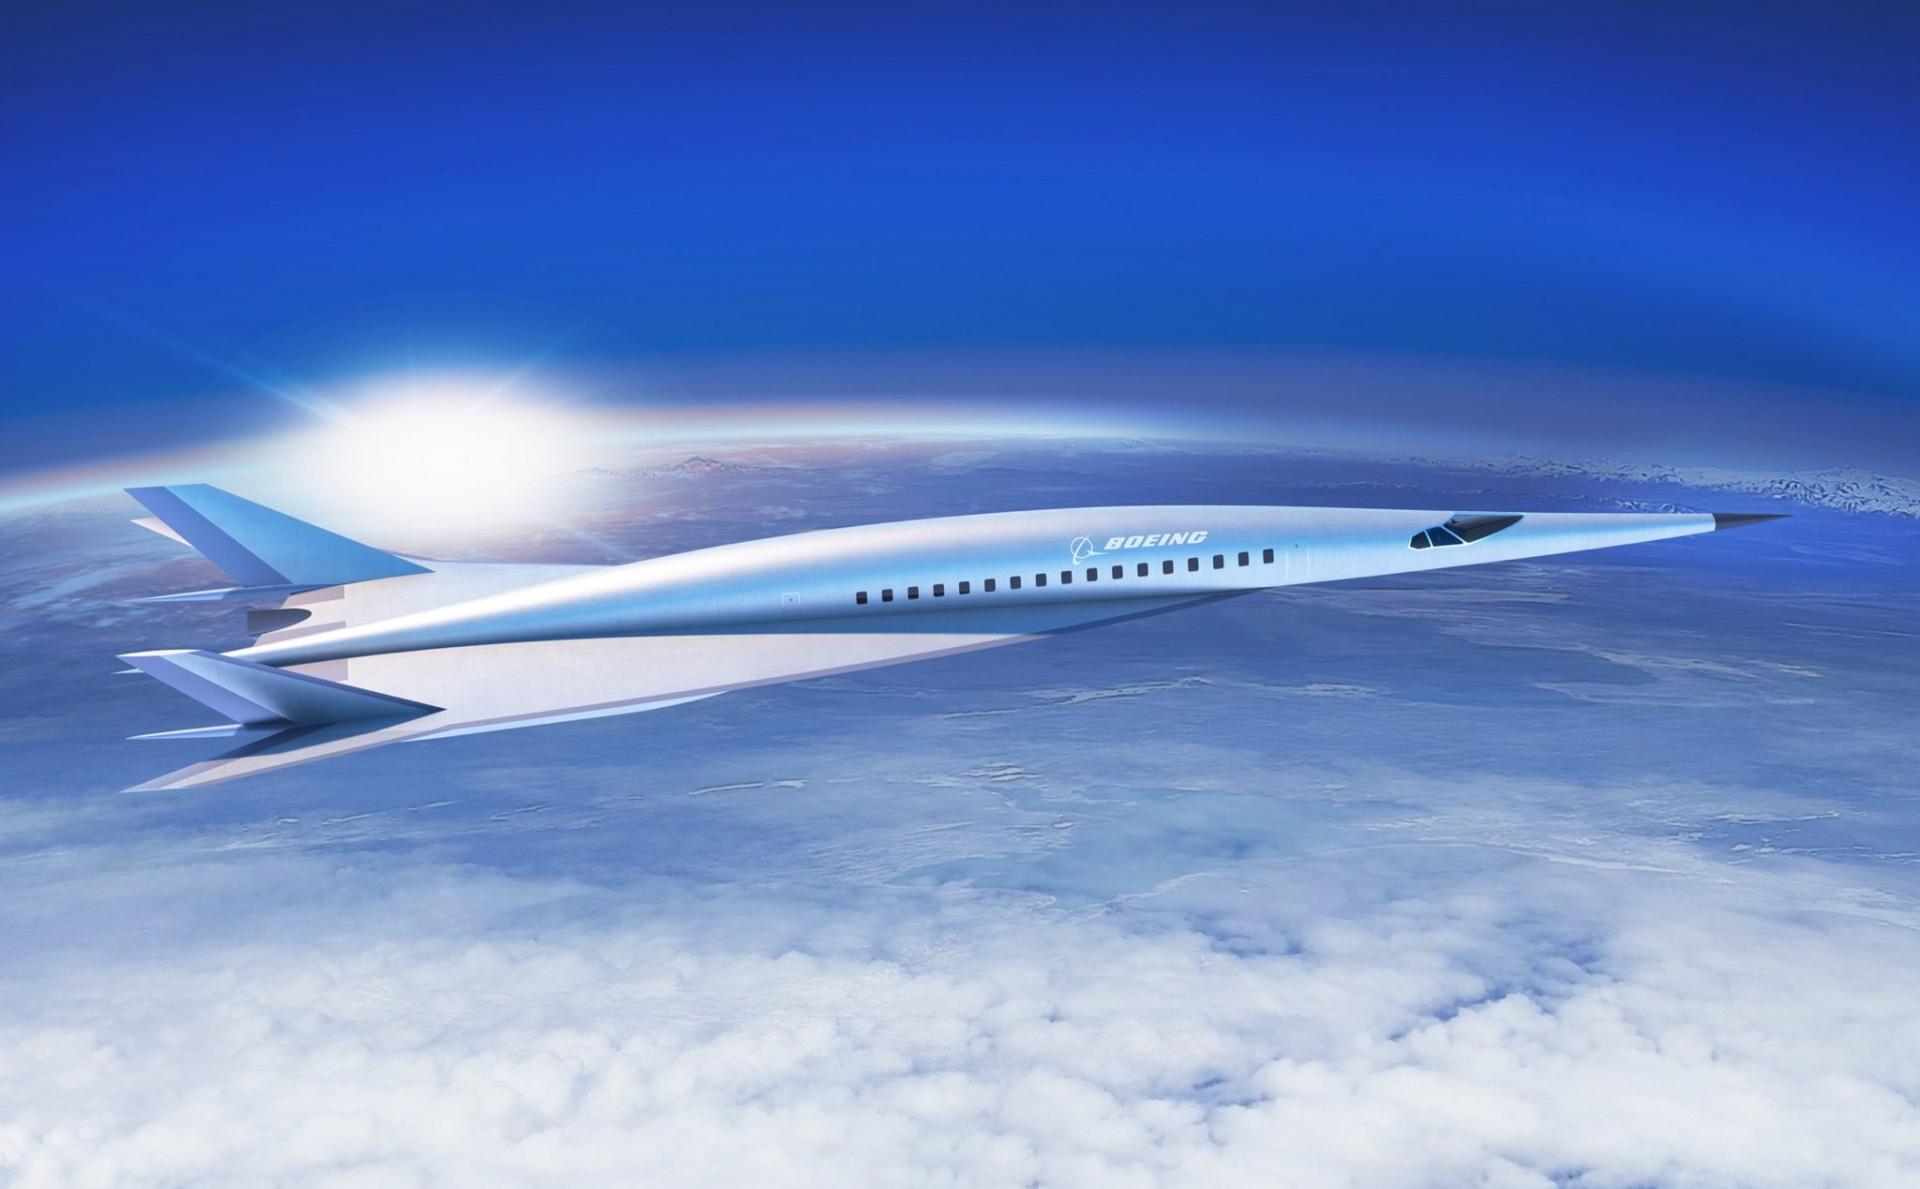 Hình ảnh máy bay đầu nhọn